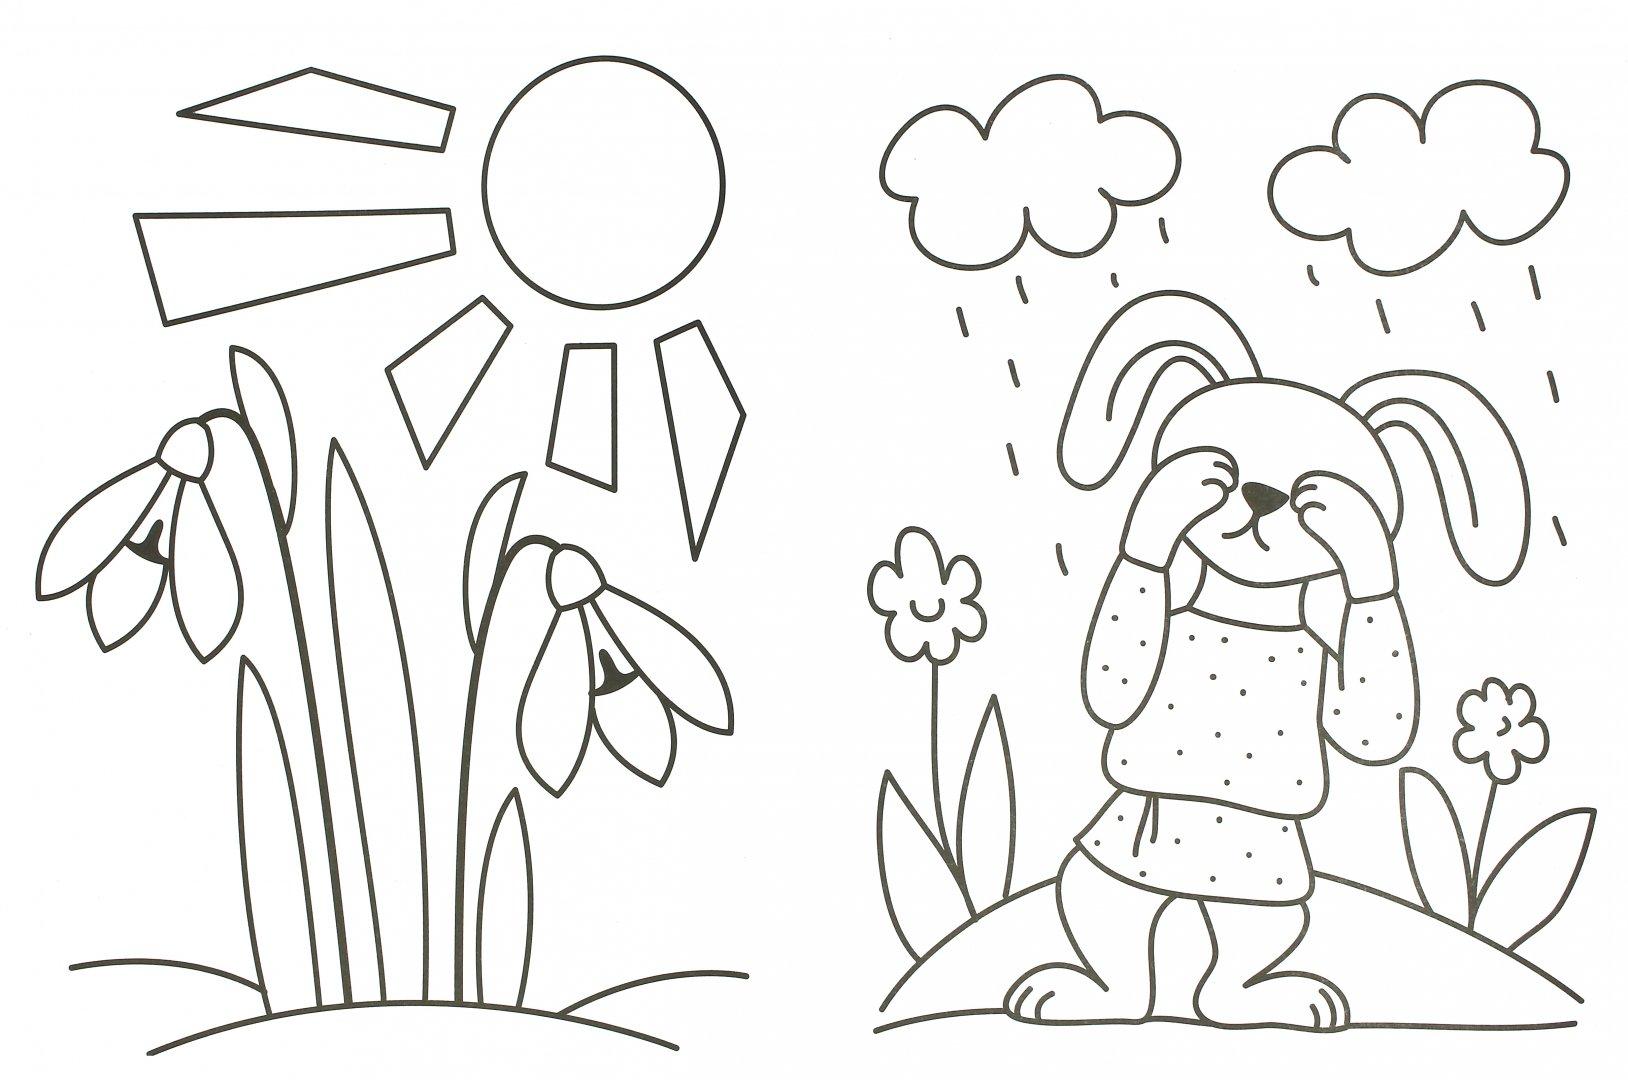 Хорошему, детские раскраски 4-5 лет в картинках на печать